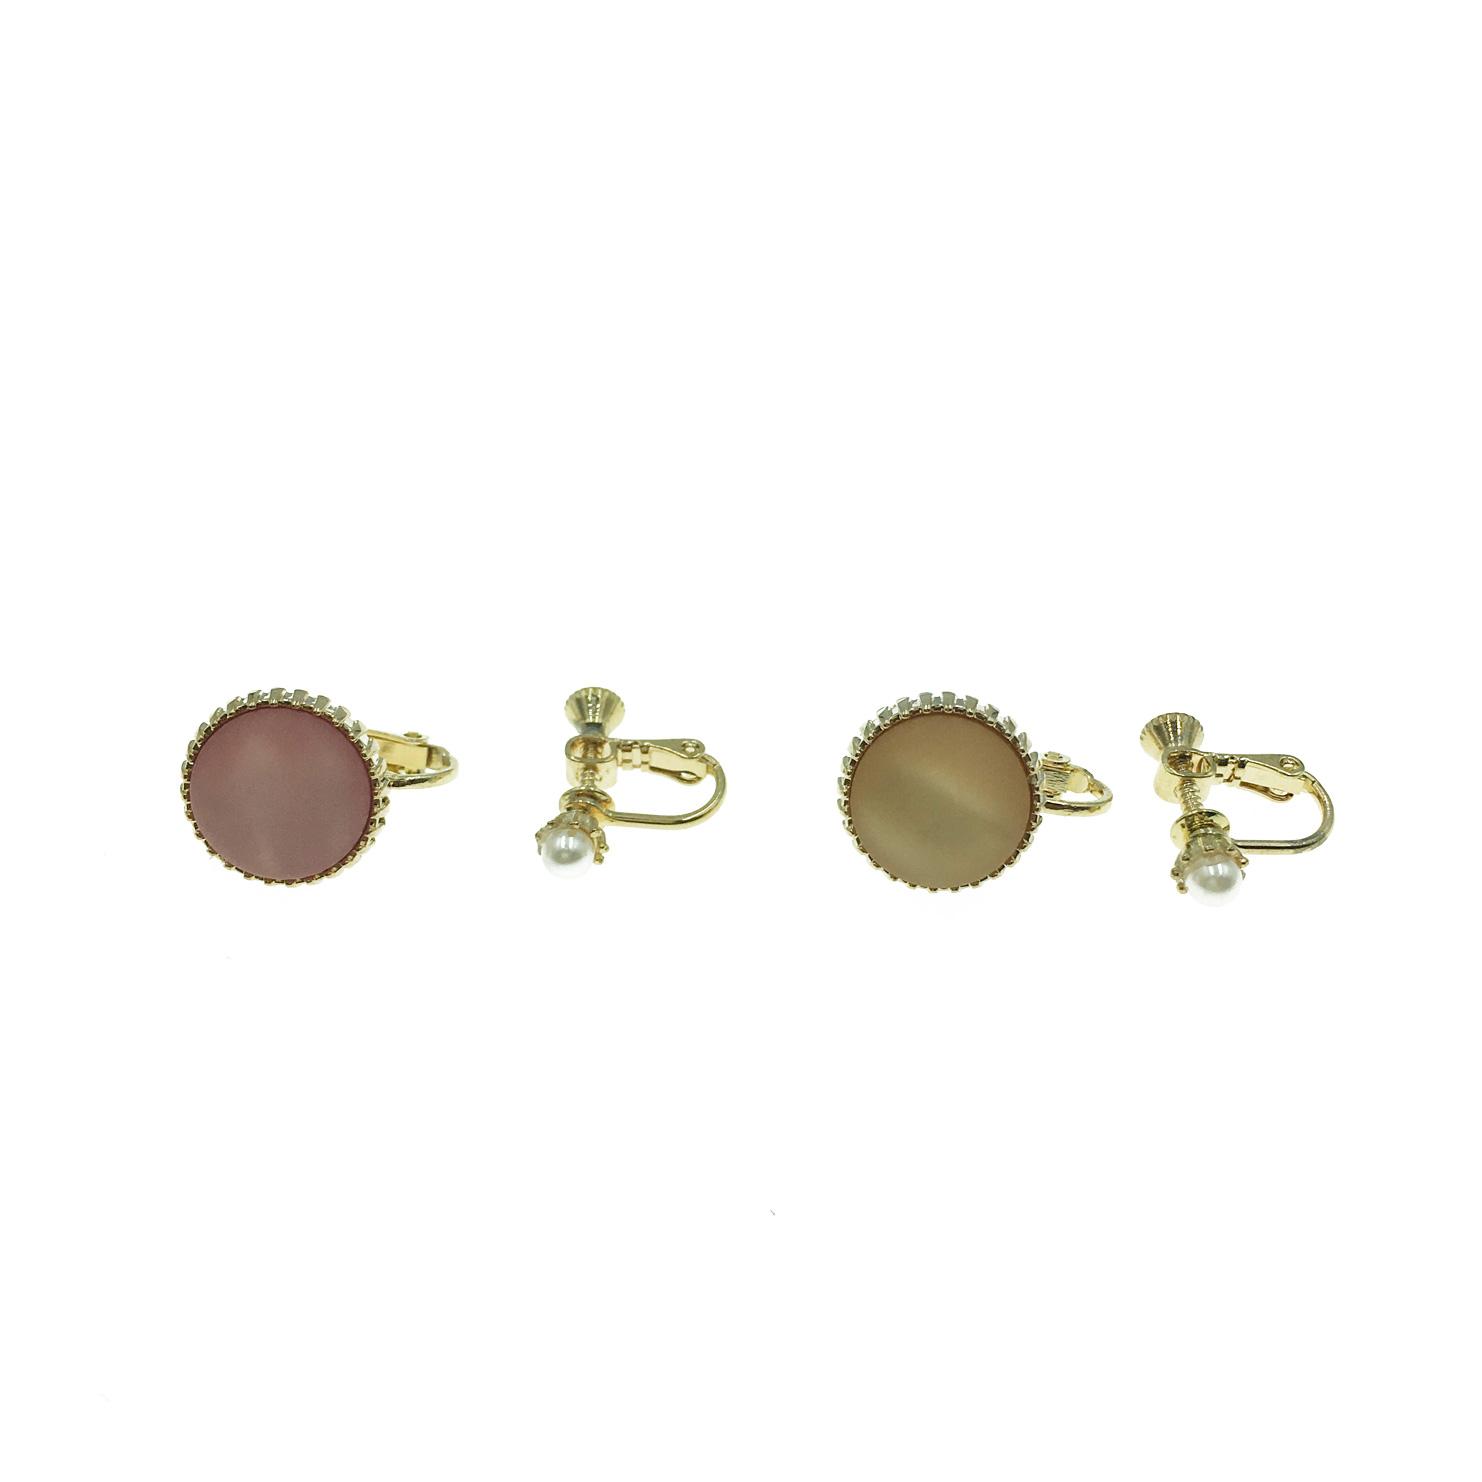 韓國 粉紅 金邊 鈕扣 珍珠 不對稱 夾式耳環